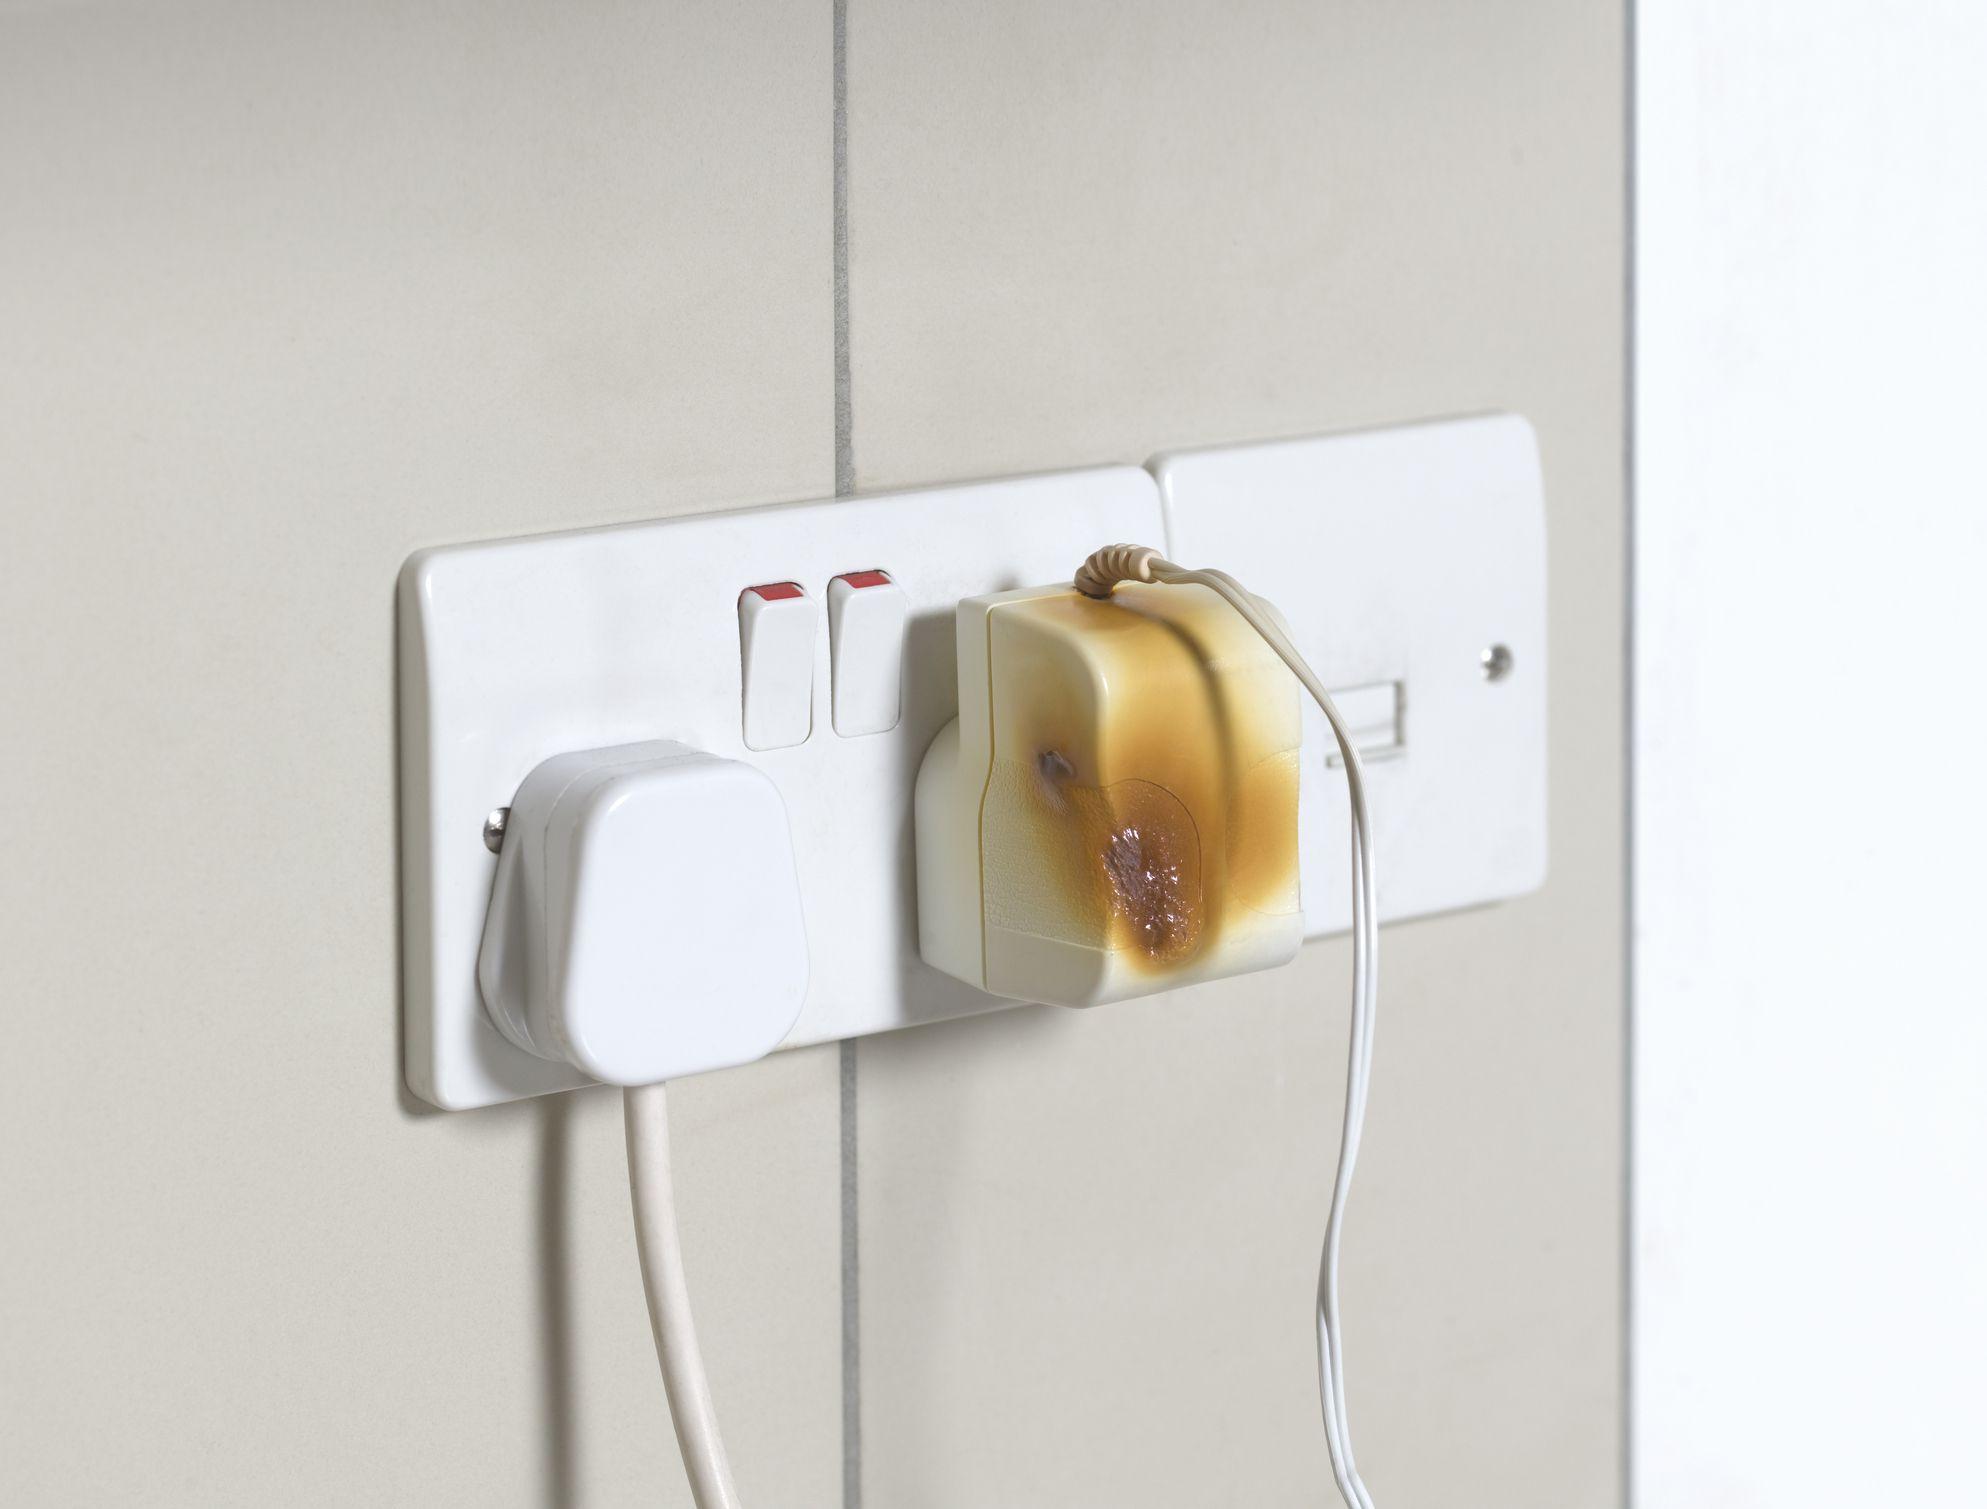 electrical plug x and y 1989 winnebago chieftain wiring diagram safety checklist